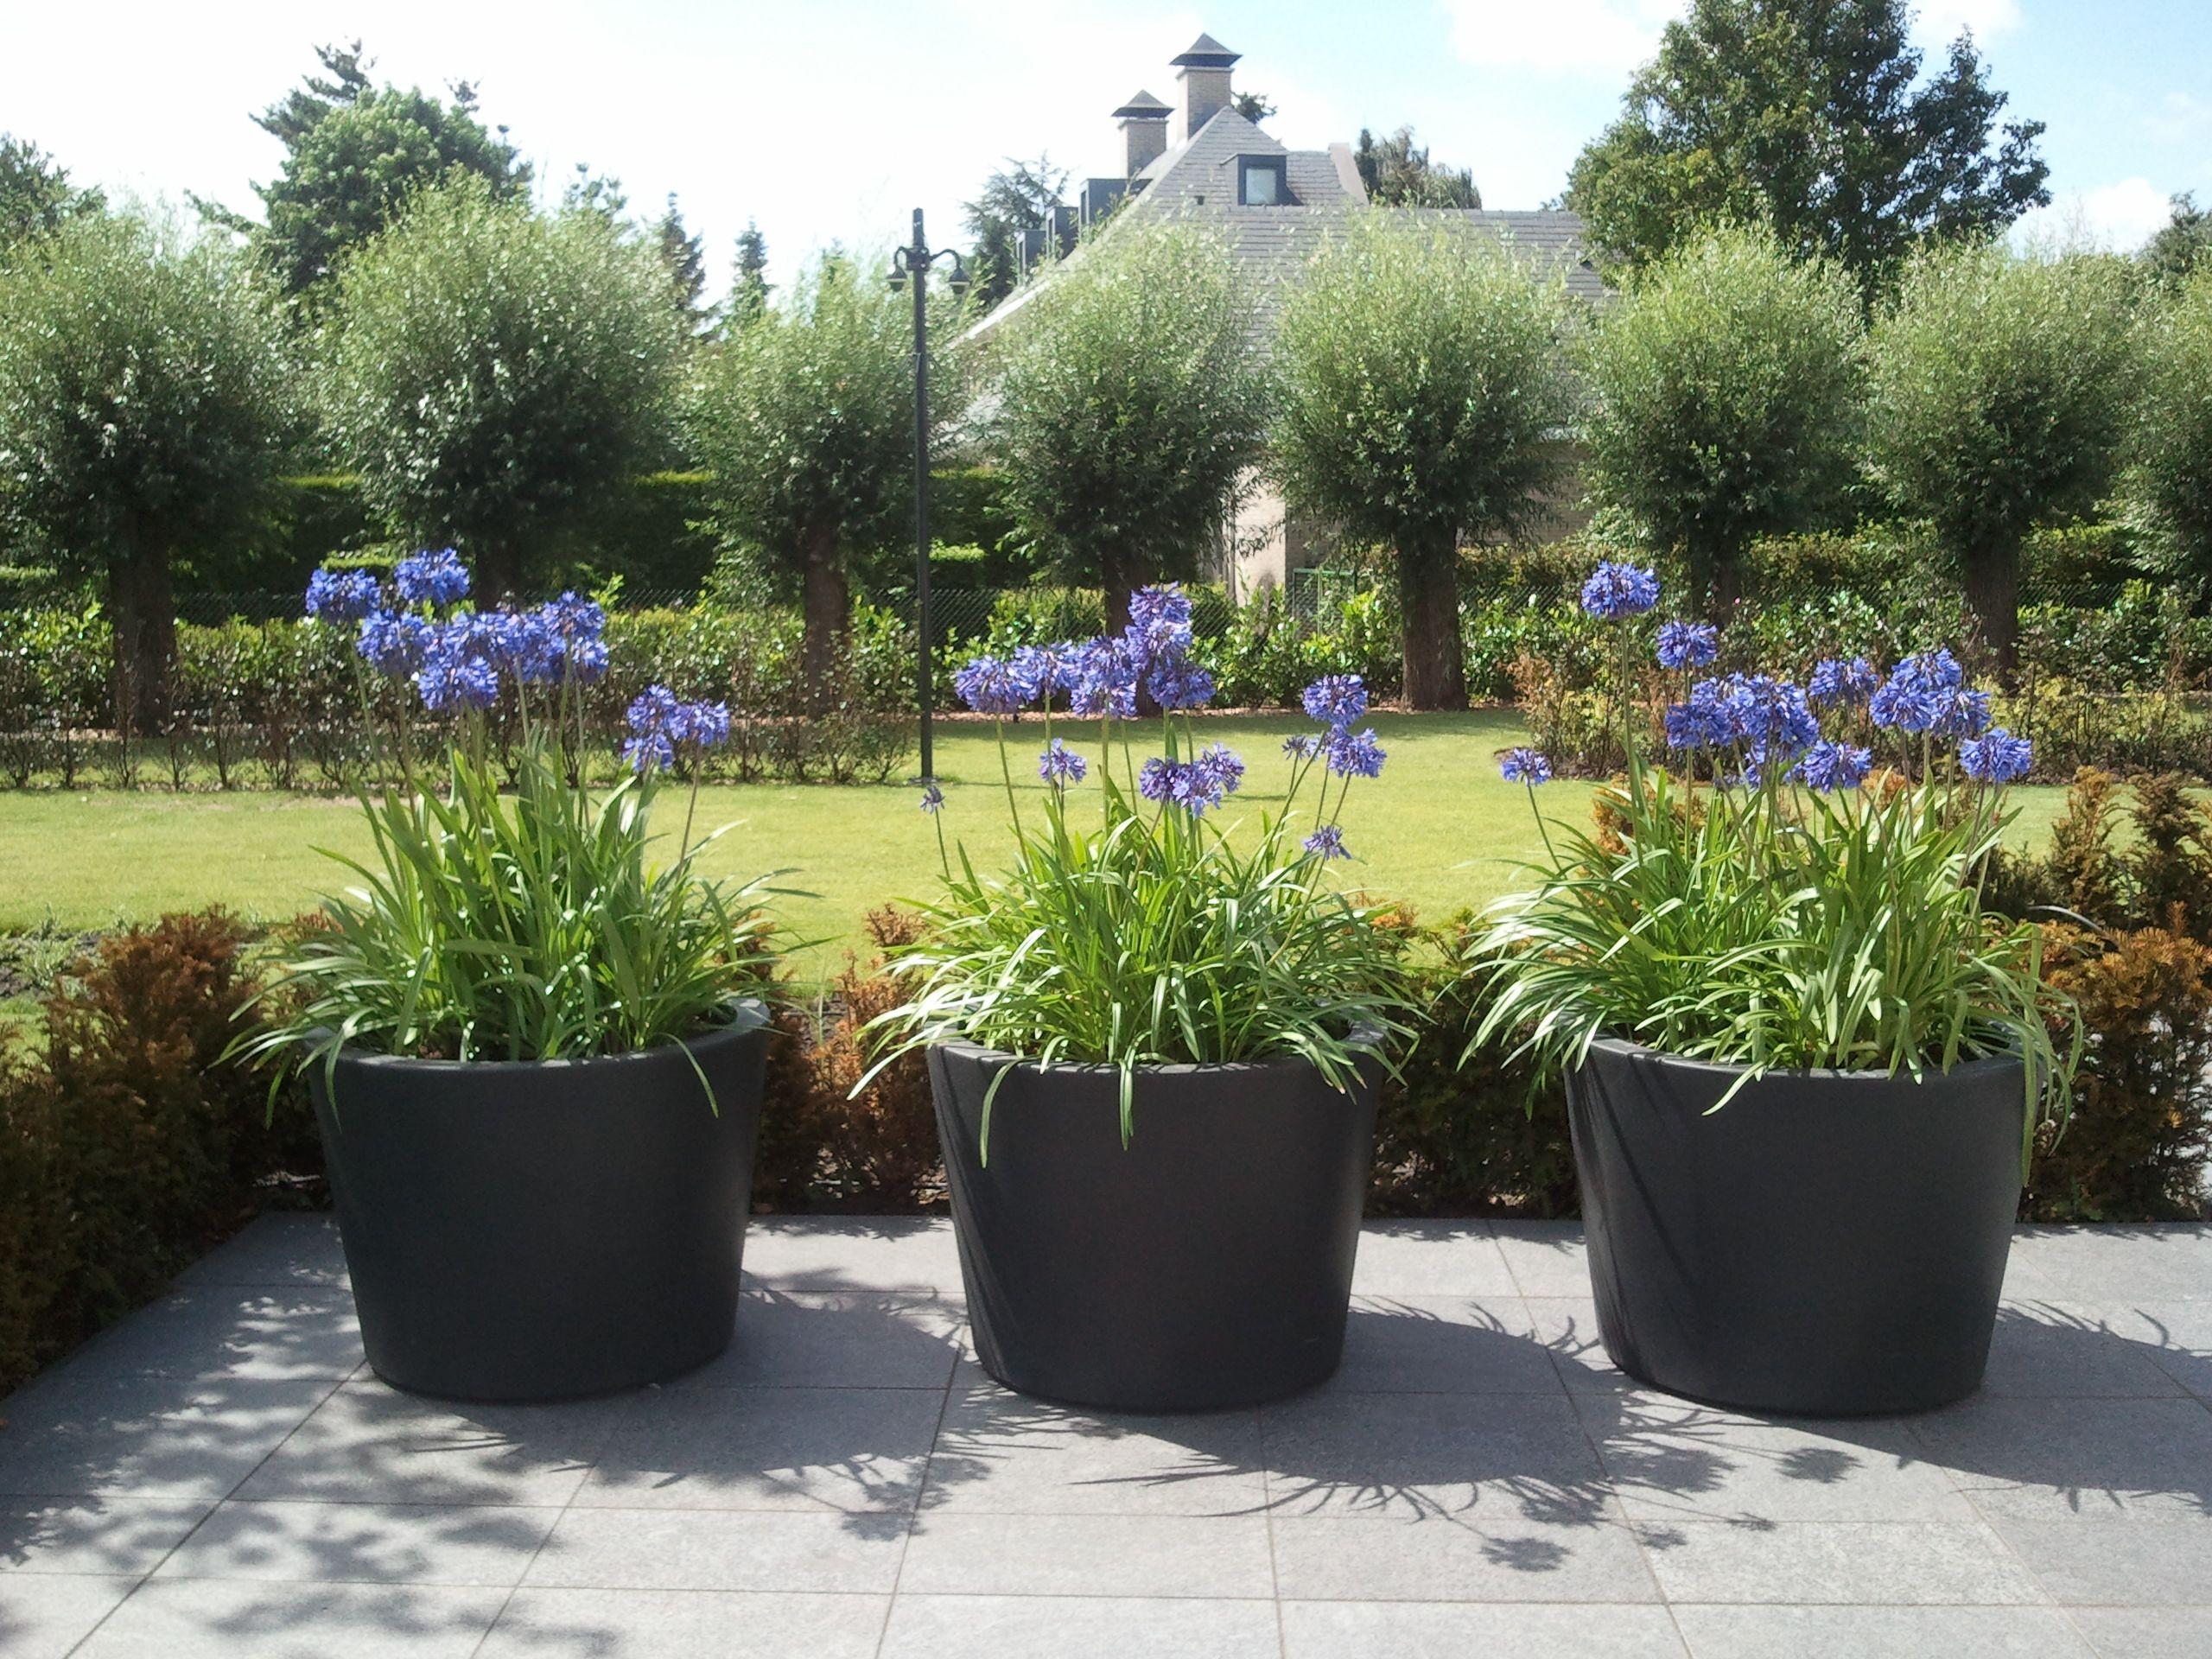 Zeer Strakke moderne bloempotten in een landschappelijke omgeving. De  FH44